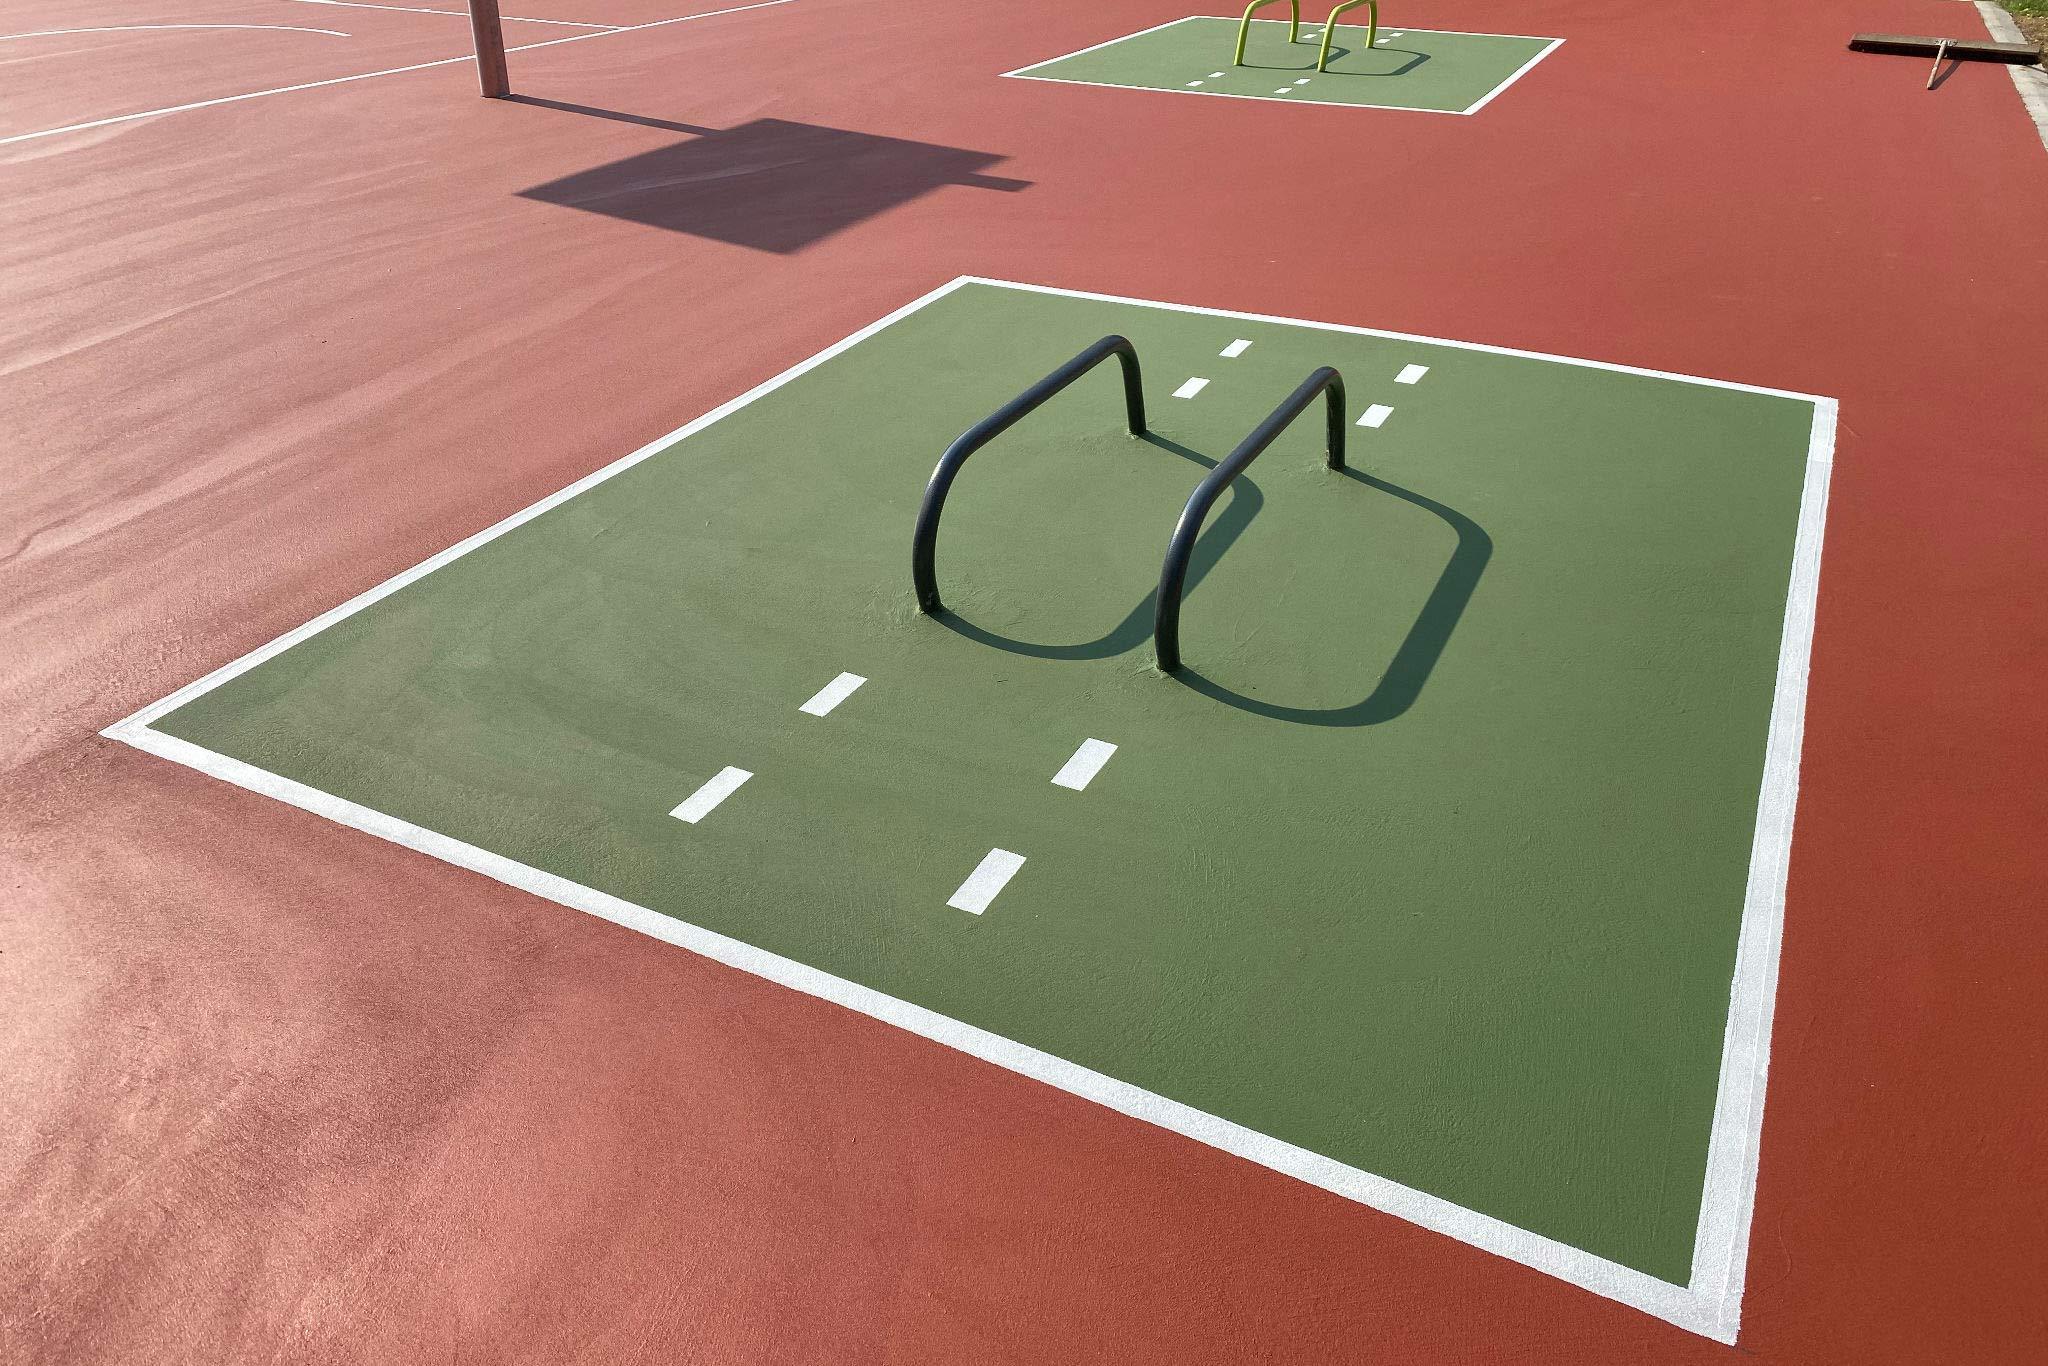 Green-Sport-Campo-Outdoor-5 Cinisello